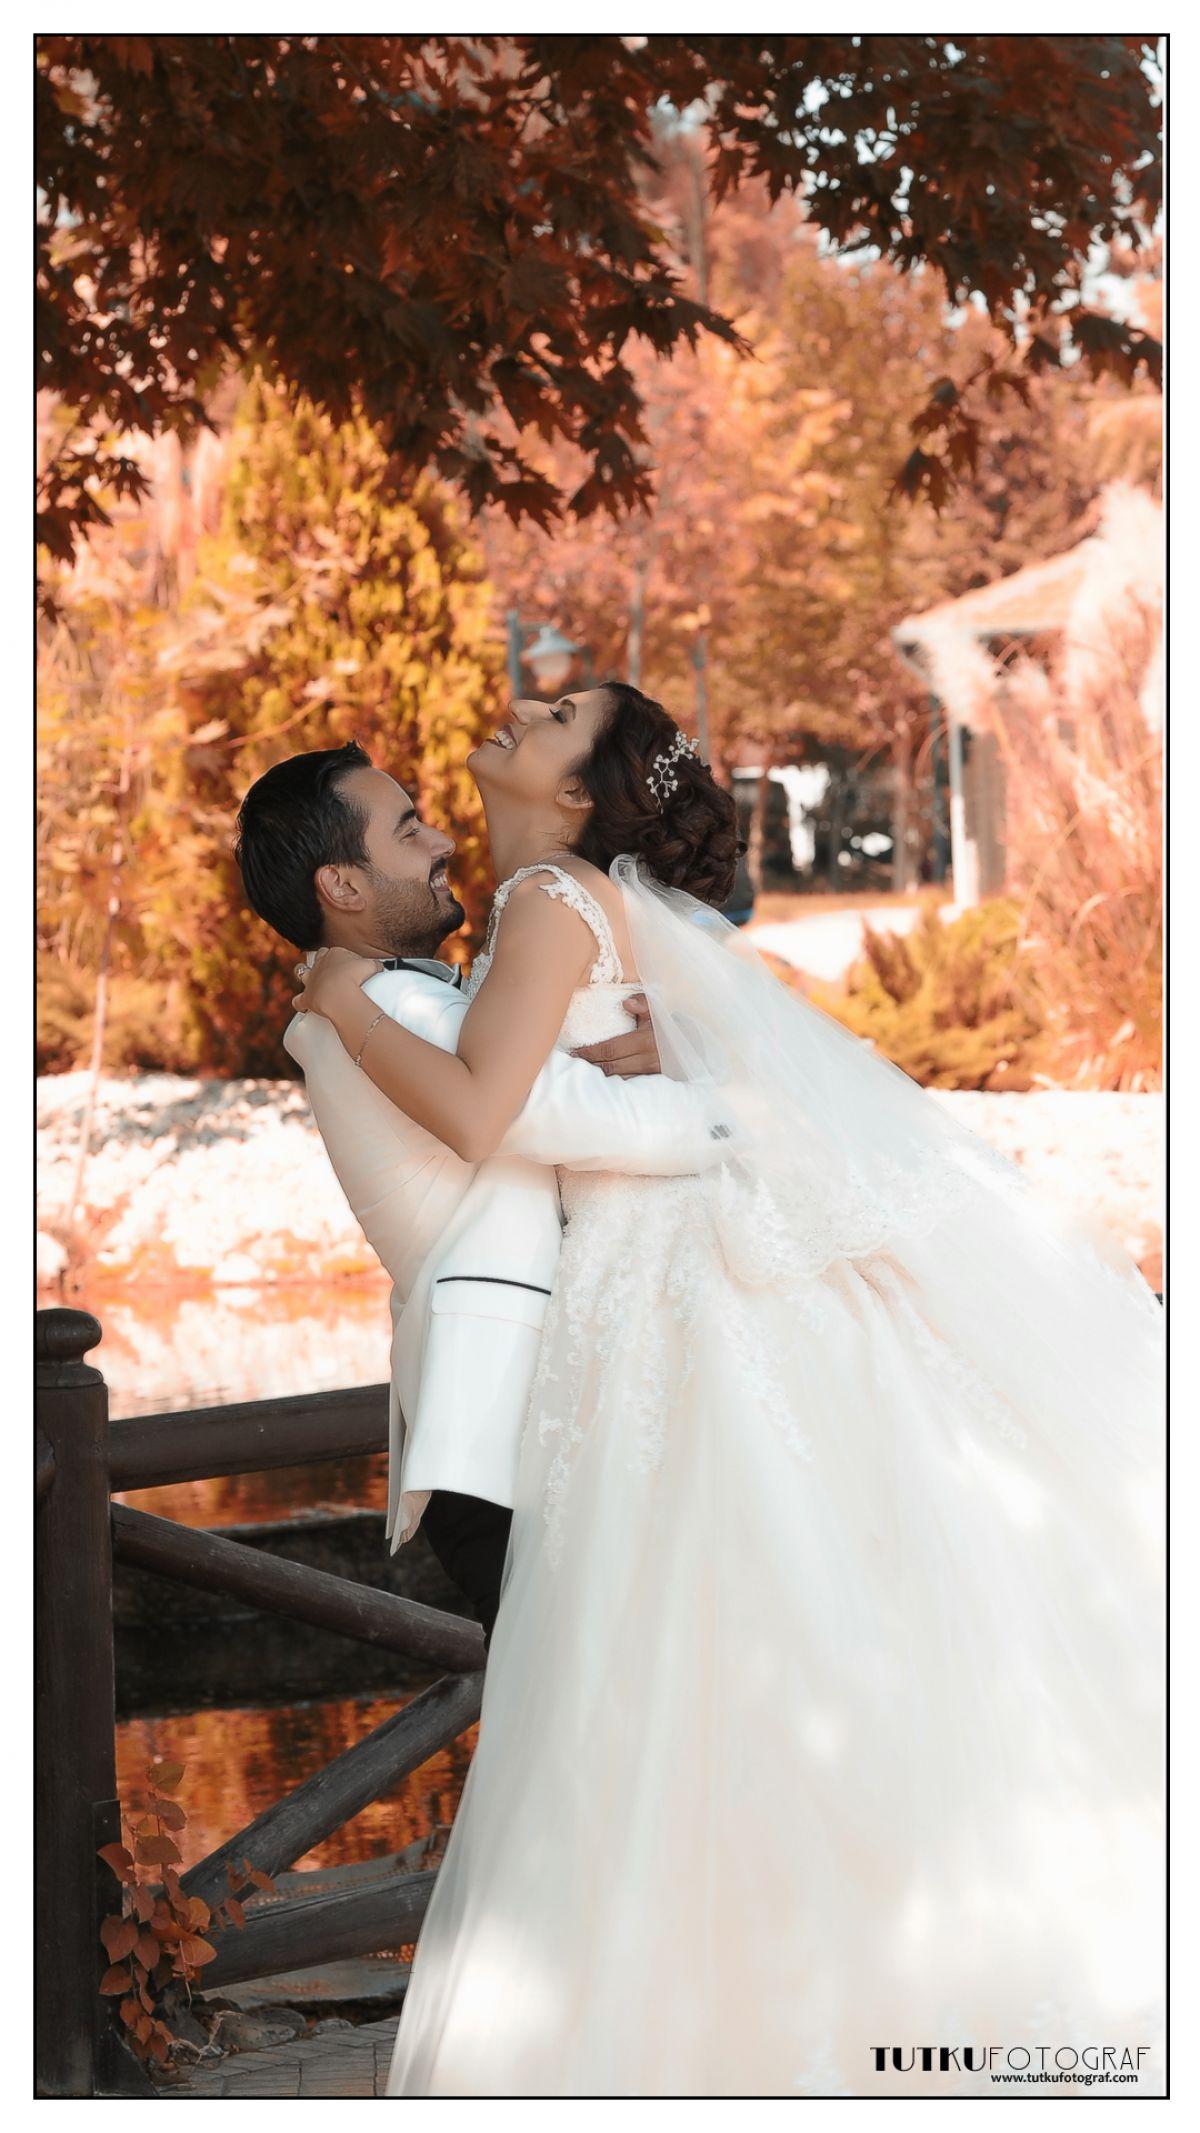 Alaçatı Düğün Albümü Çekimi-Alacati-Dugun-Fotografi-Dis-Mekan-Fotograf-Albumu-Cekimi-3